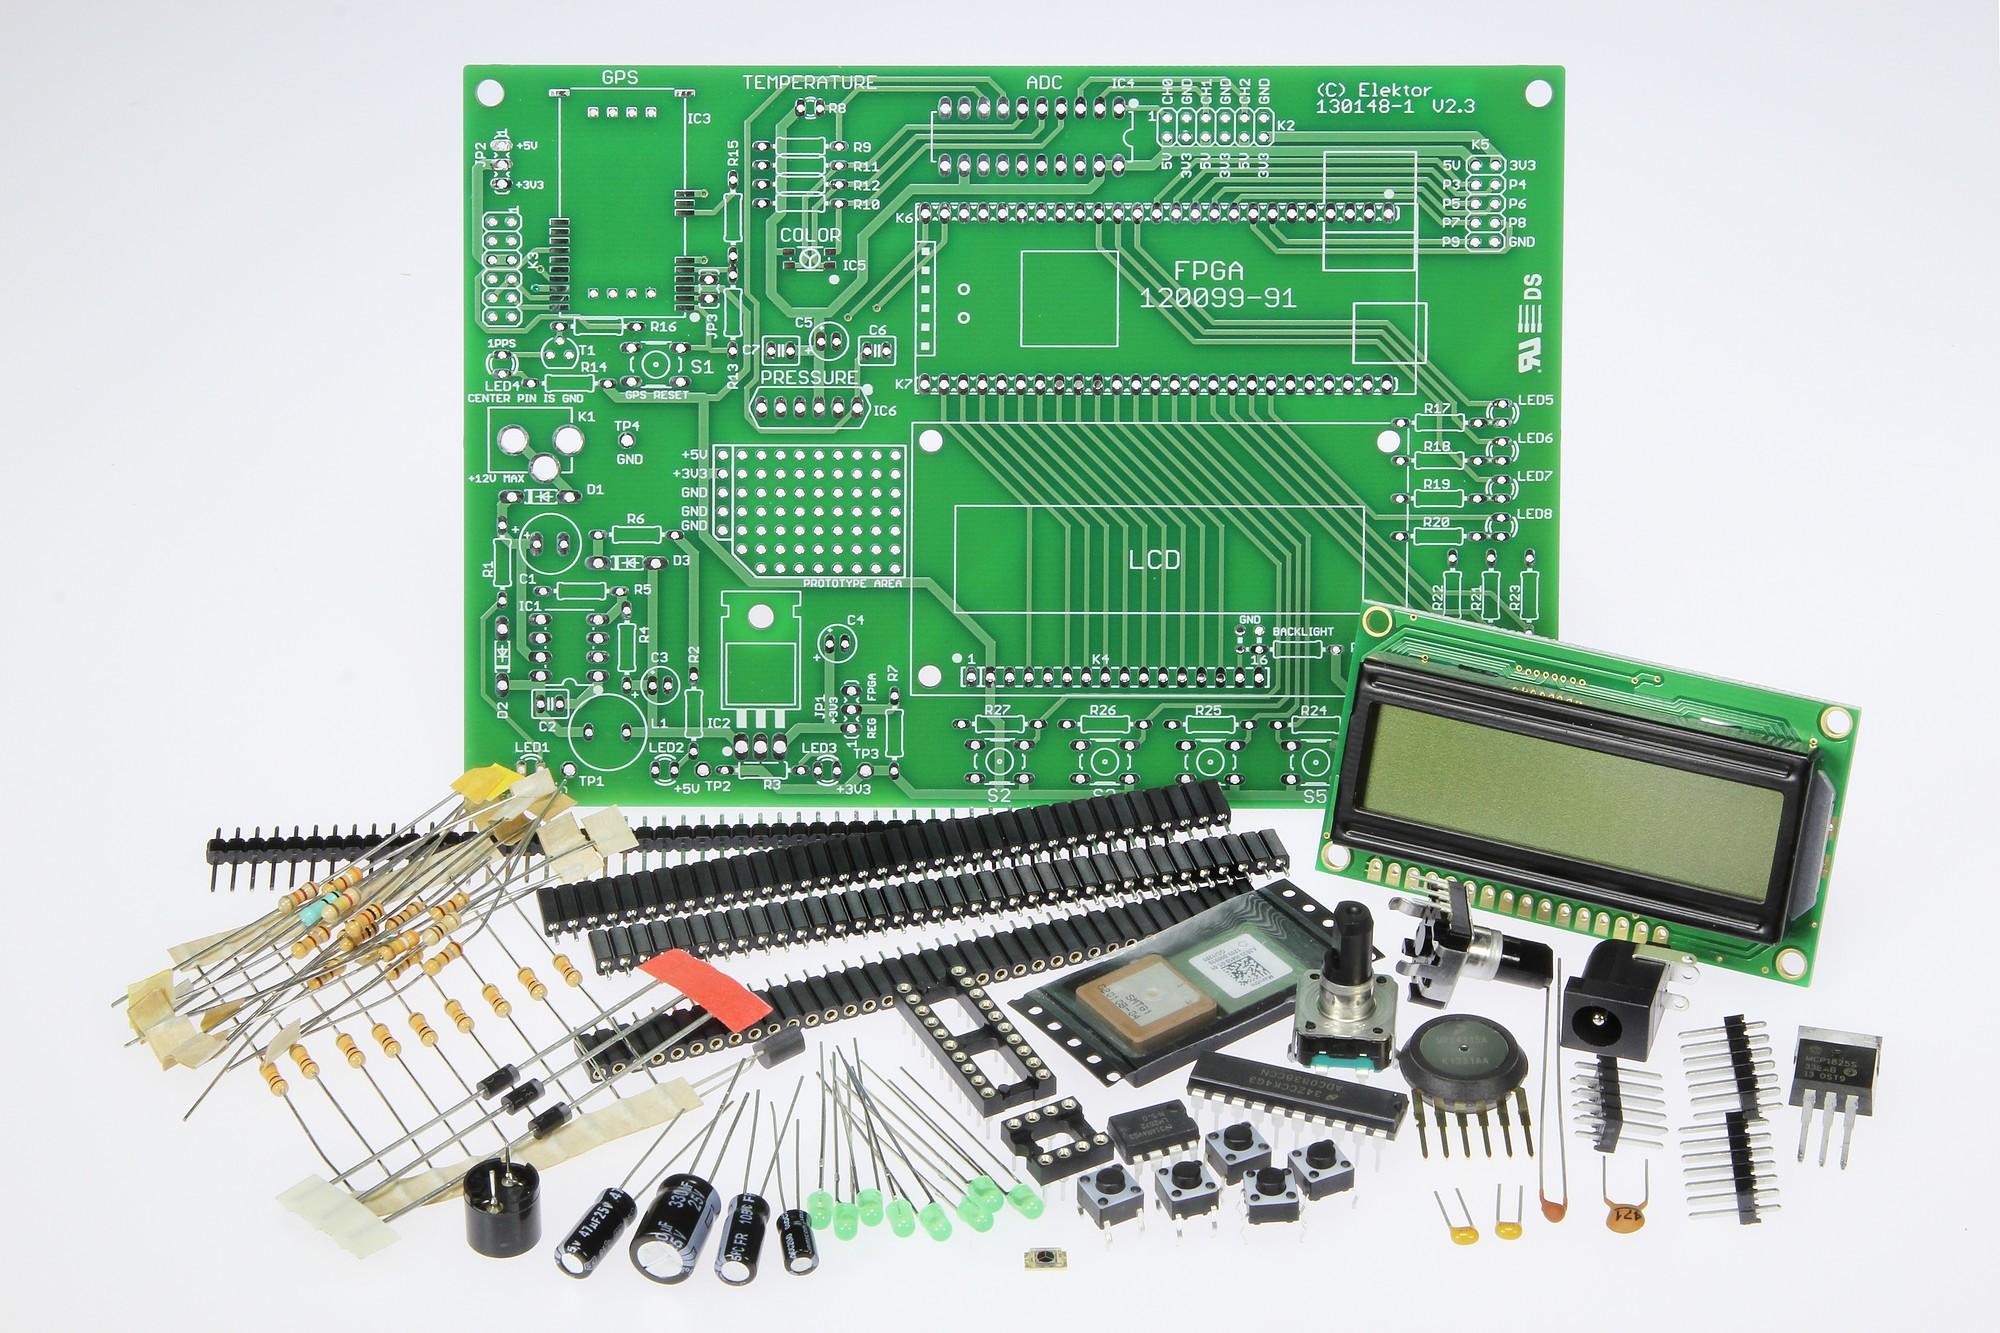 Uitbreidingsprint voor het FPGA-board (130148-71)